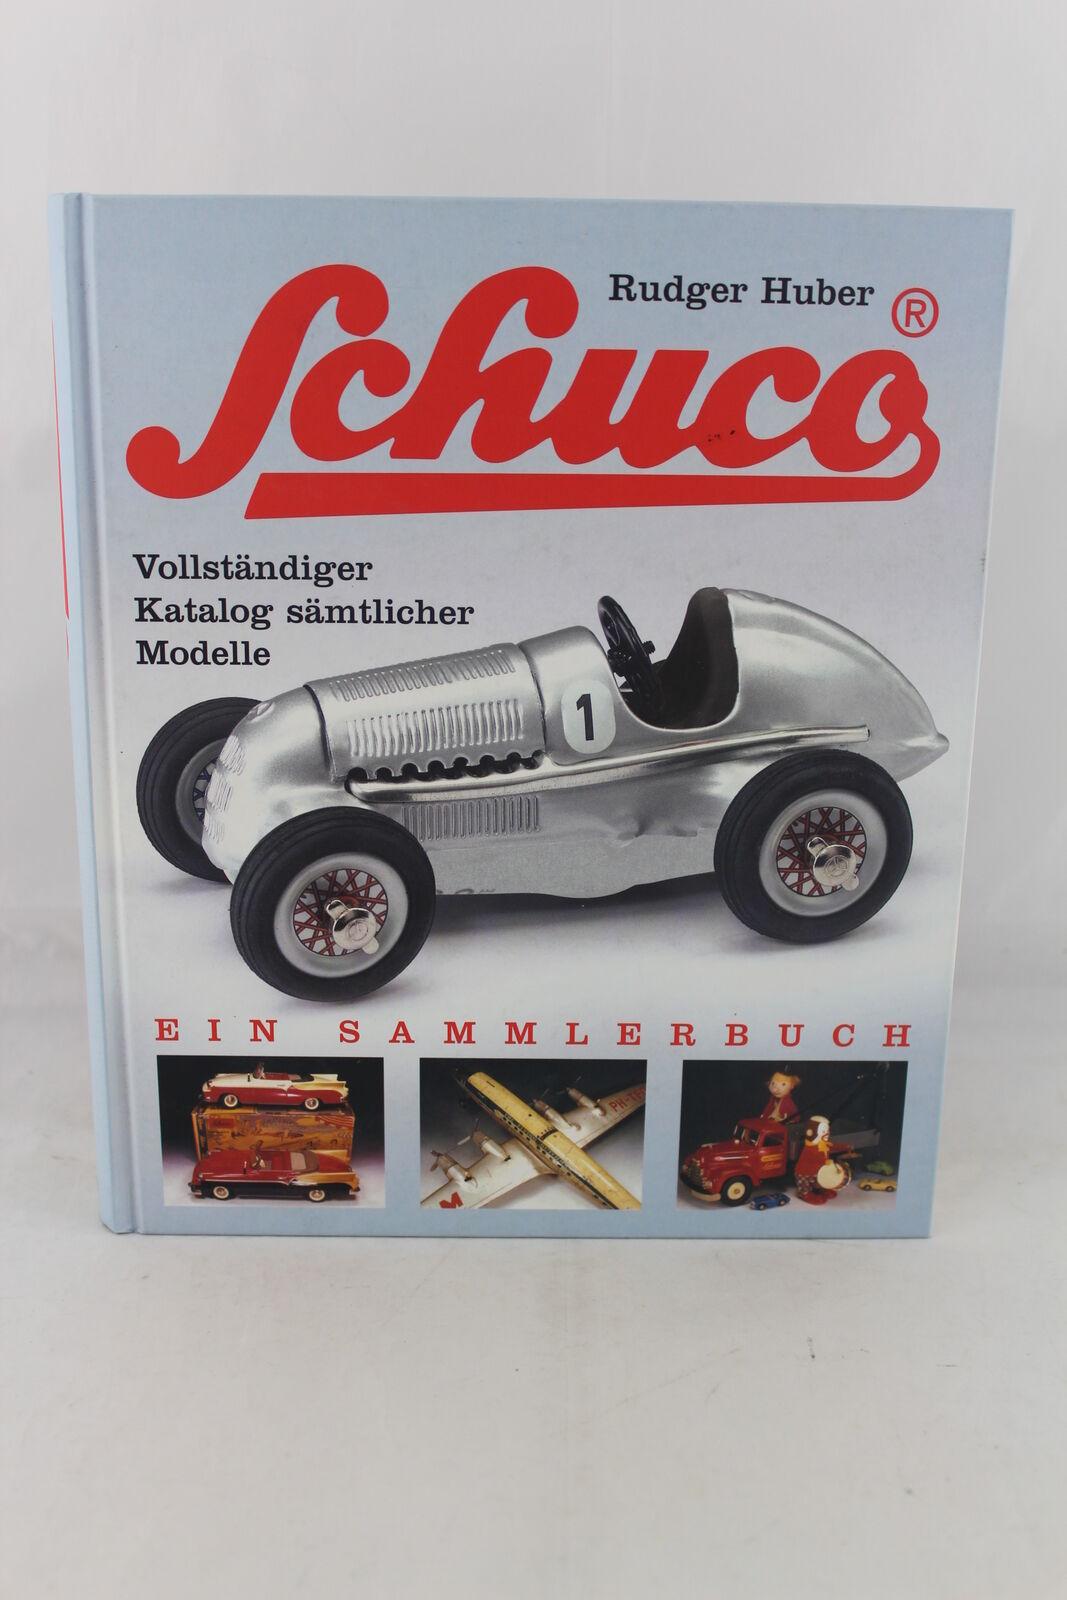 SCHUCO  - Catalogo di RUDGER Huber, un libro da collezione